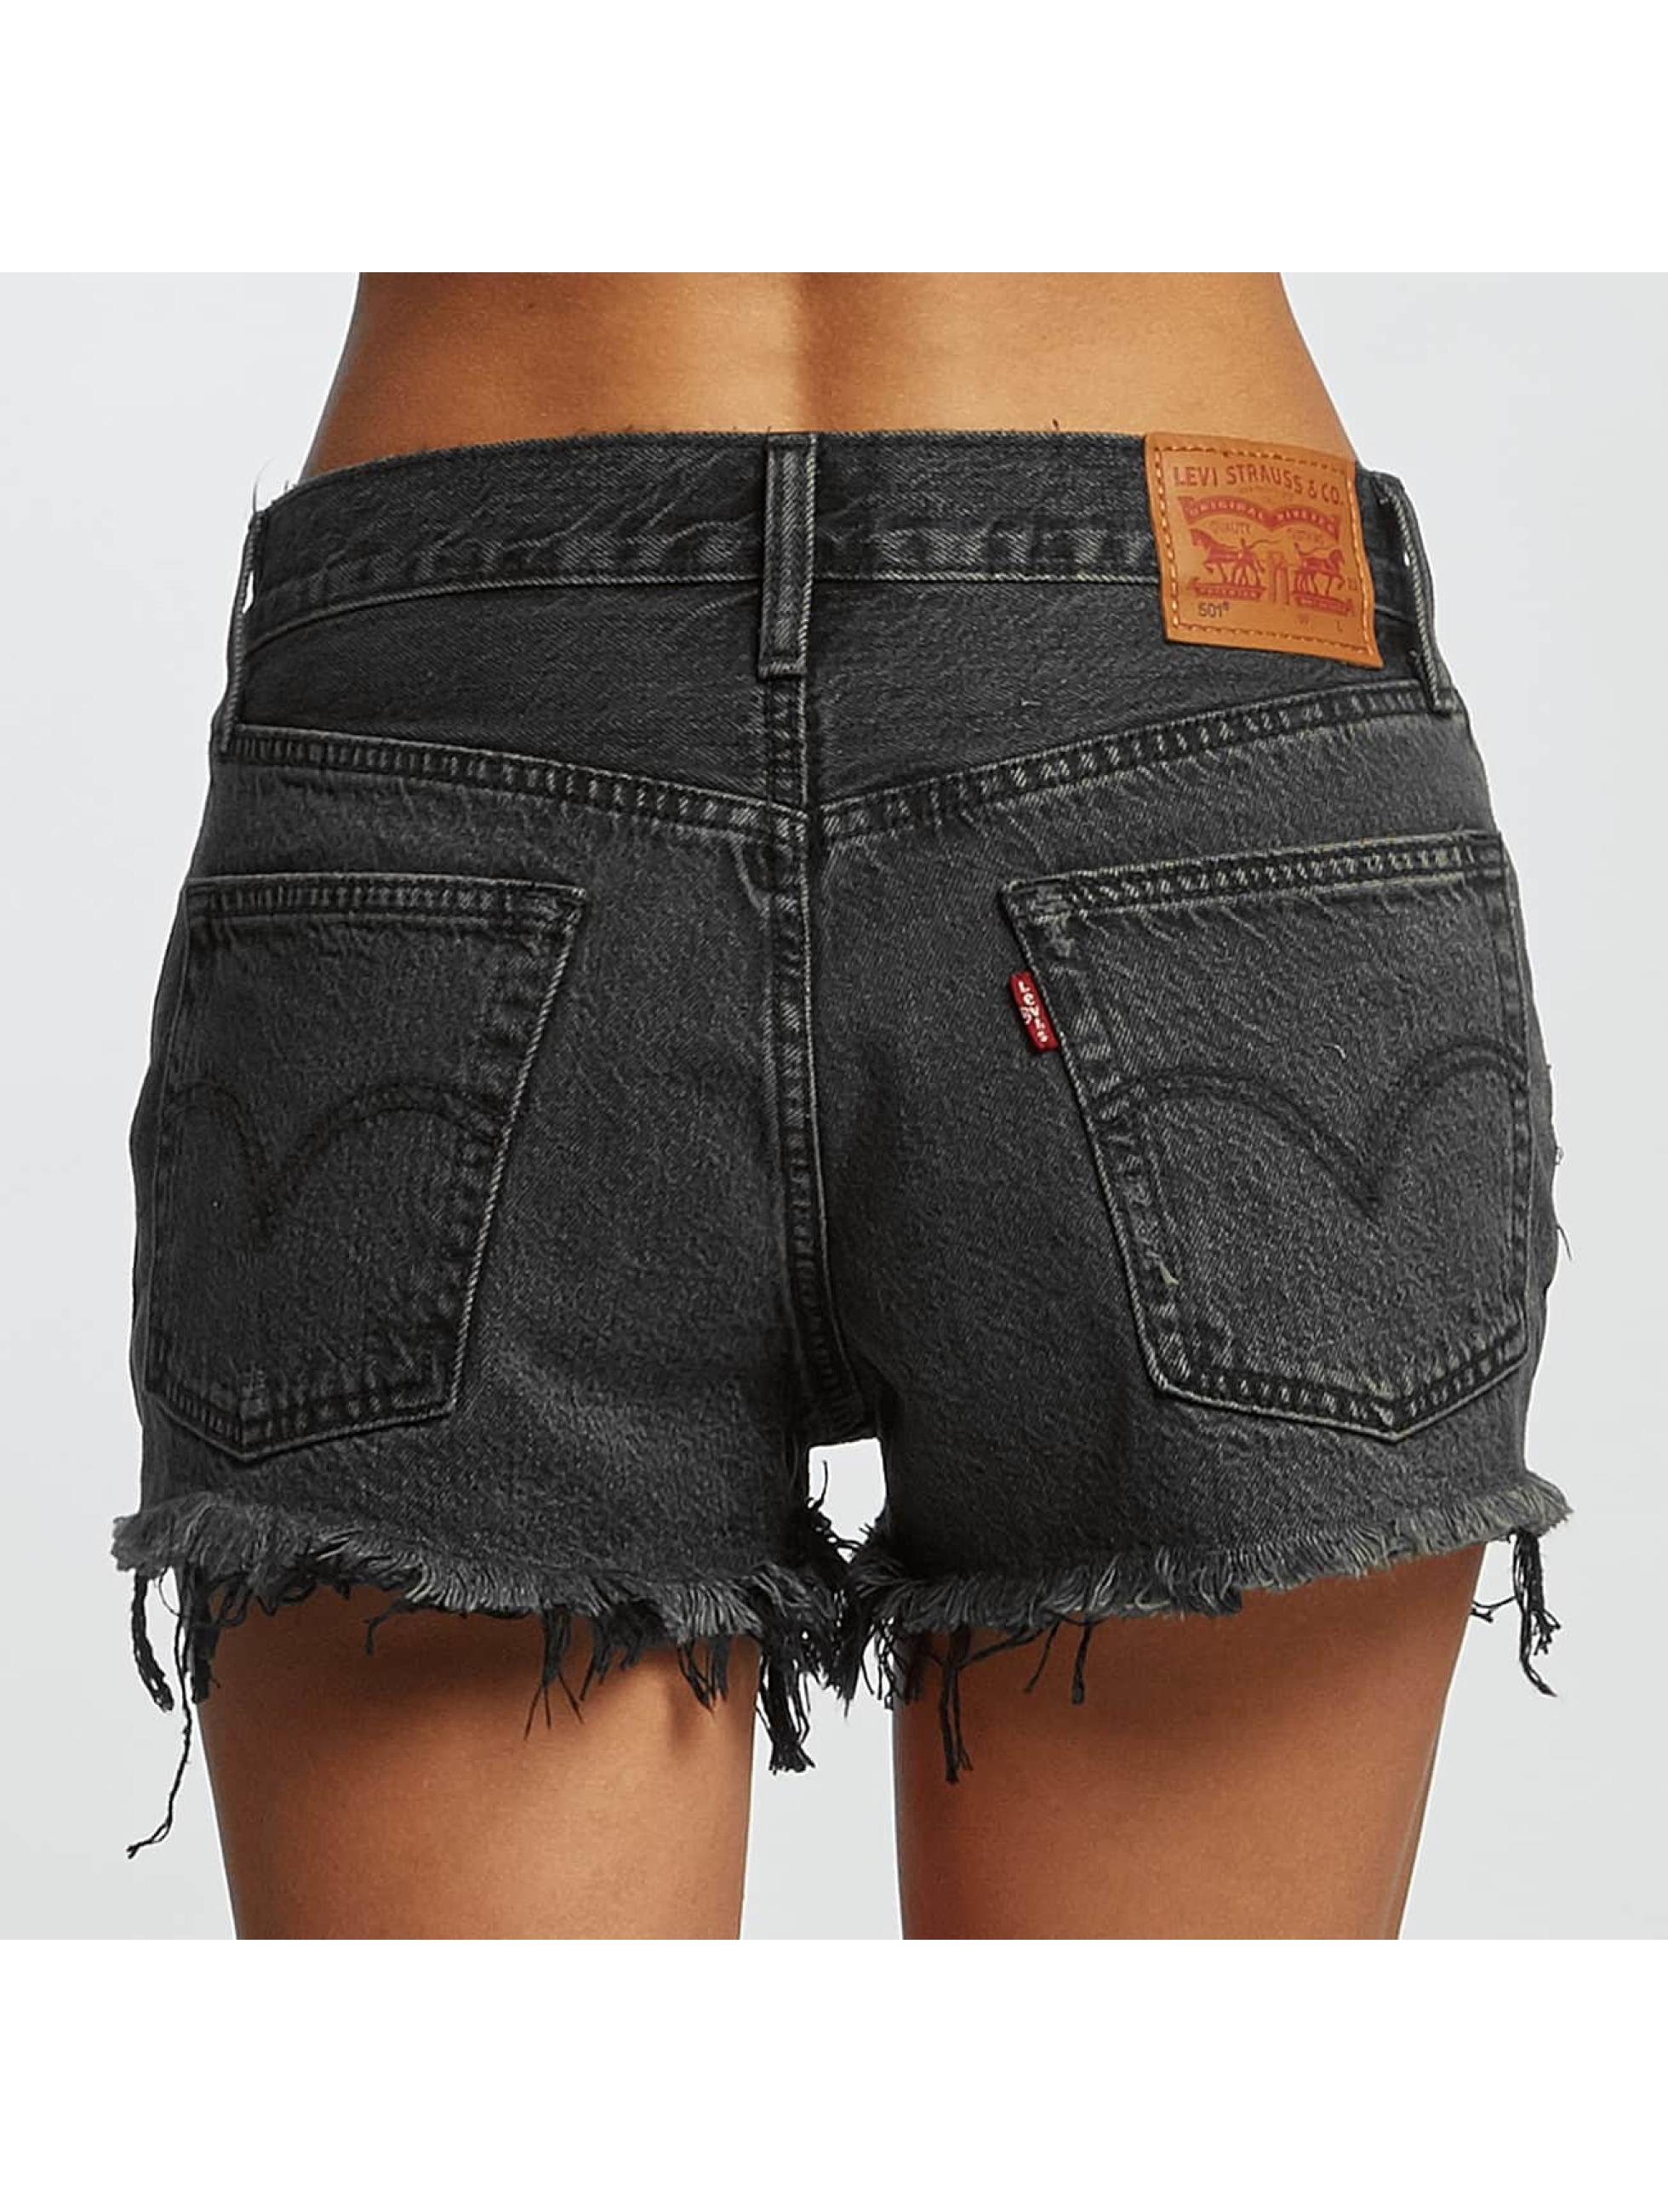 levi 39 s damen hosen shorts 501 ebay. Black Bedroom Furniture Sets. Home Design Ideas